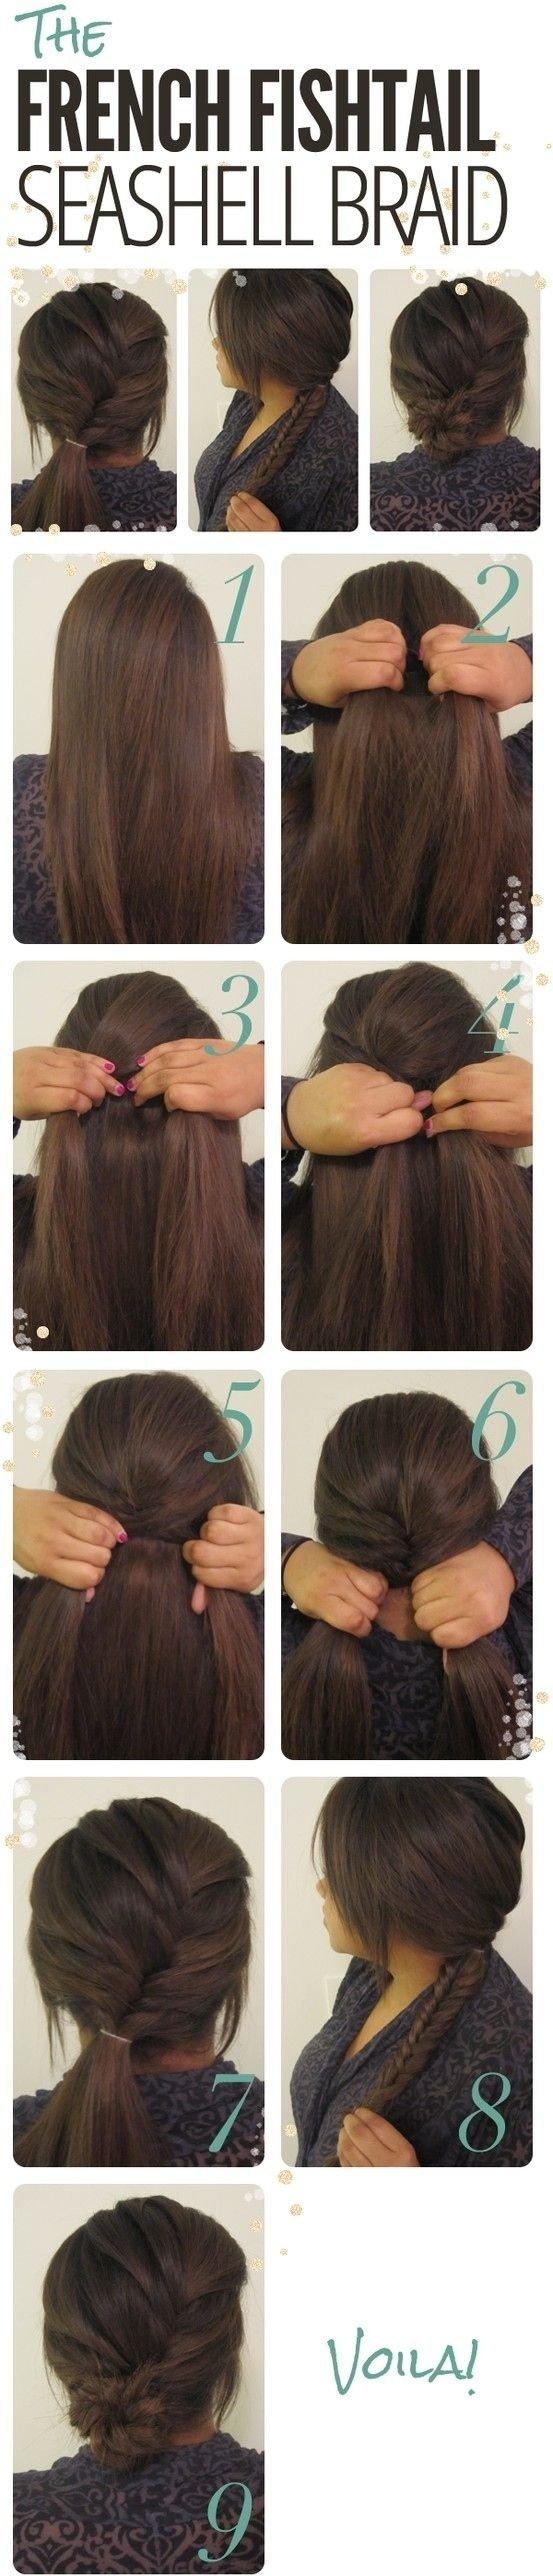 hair,brown,hairstyle,hair coloring,brown hair,